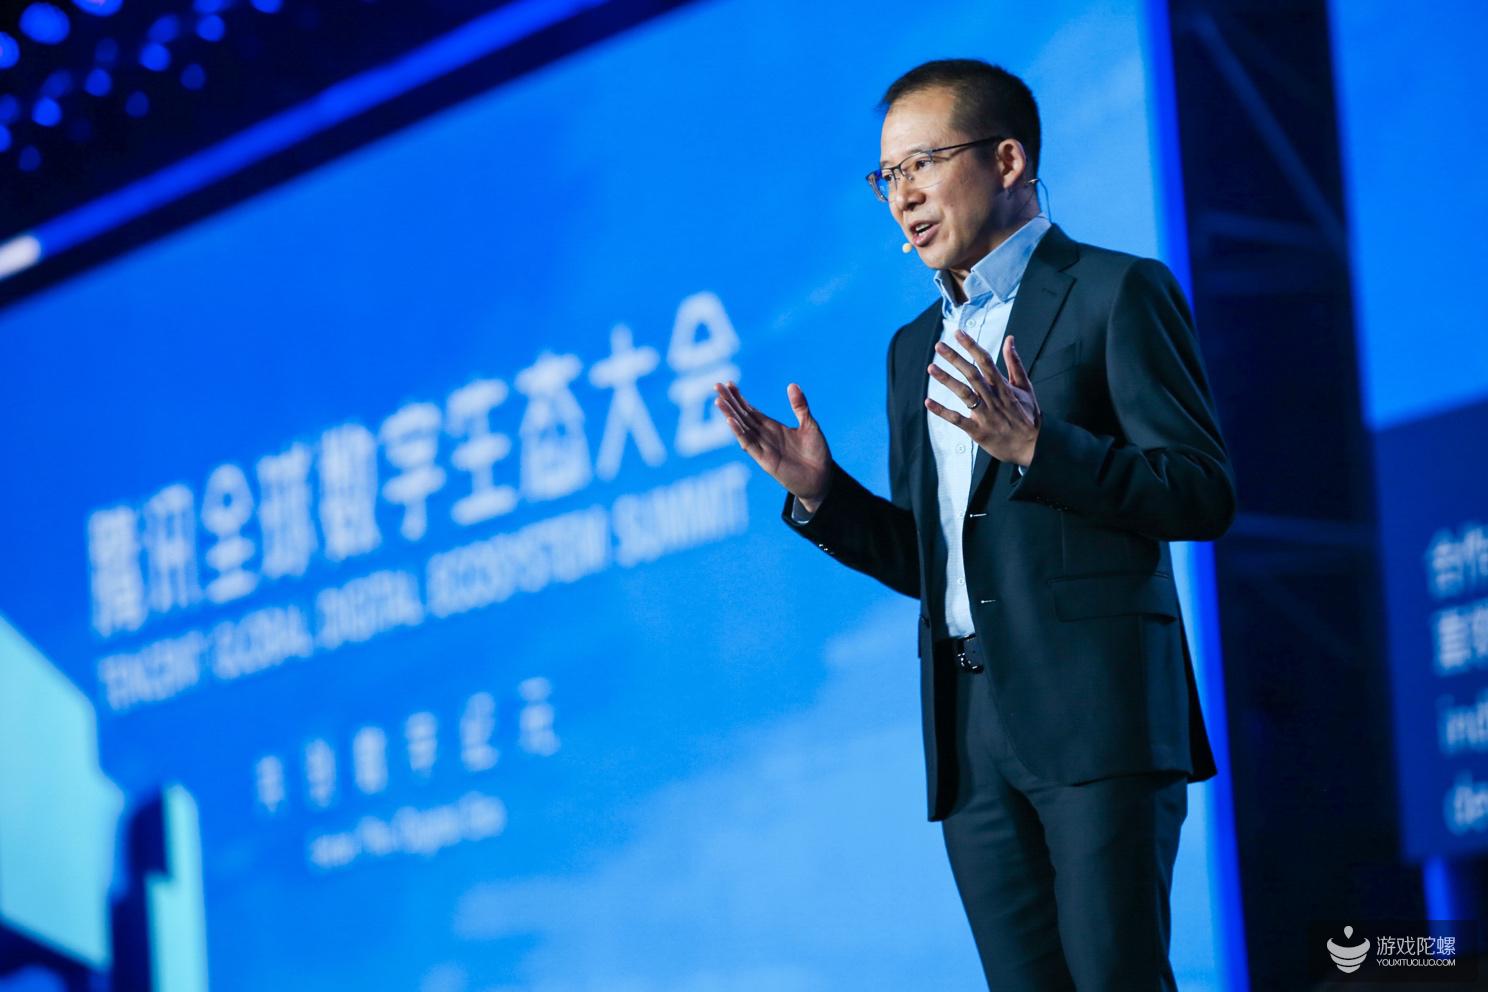 腾讯总裁刘炽平:数字化将带来巨大机遇,产业发展的三个重要演化